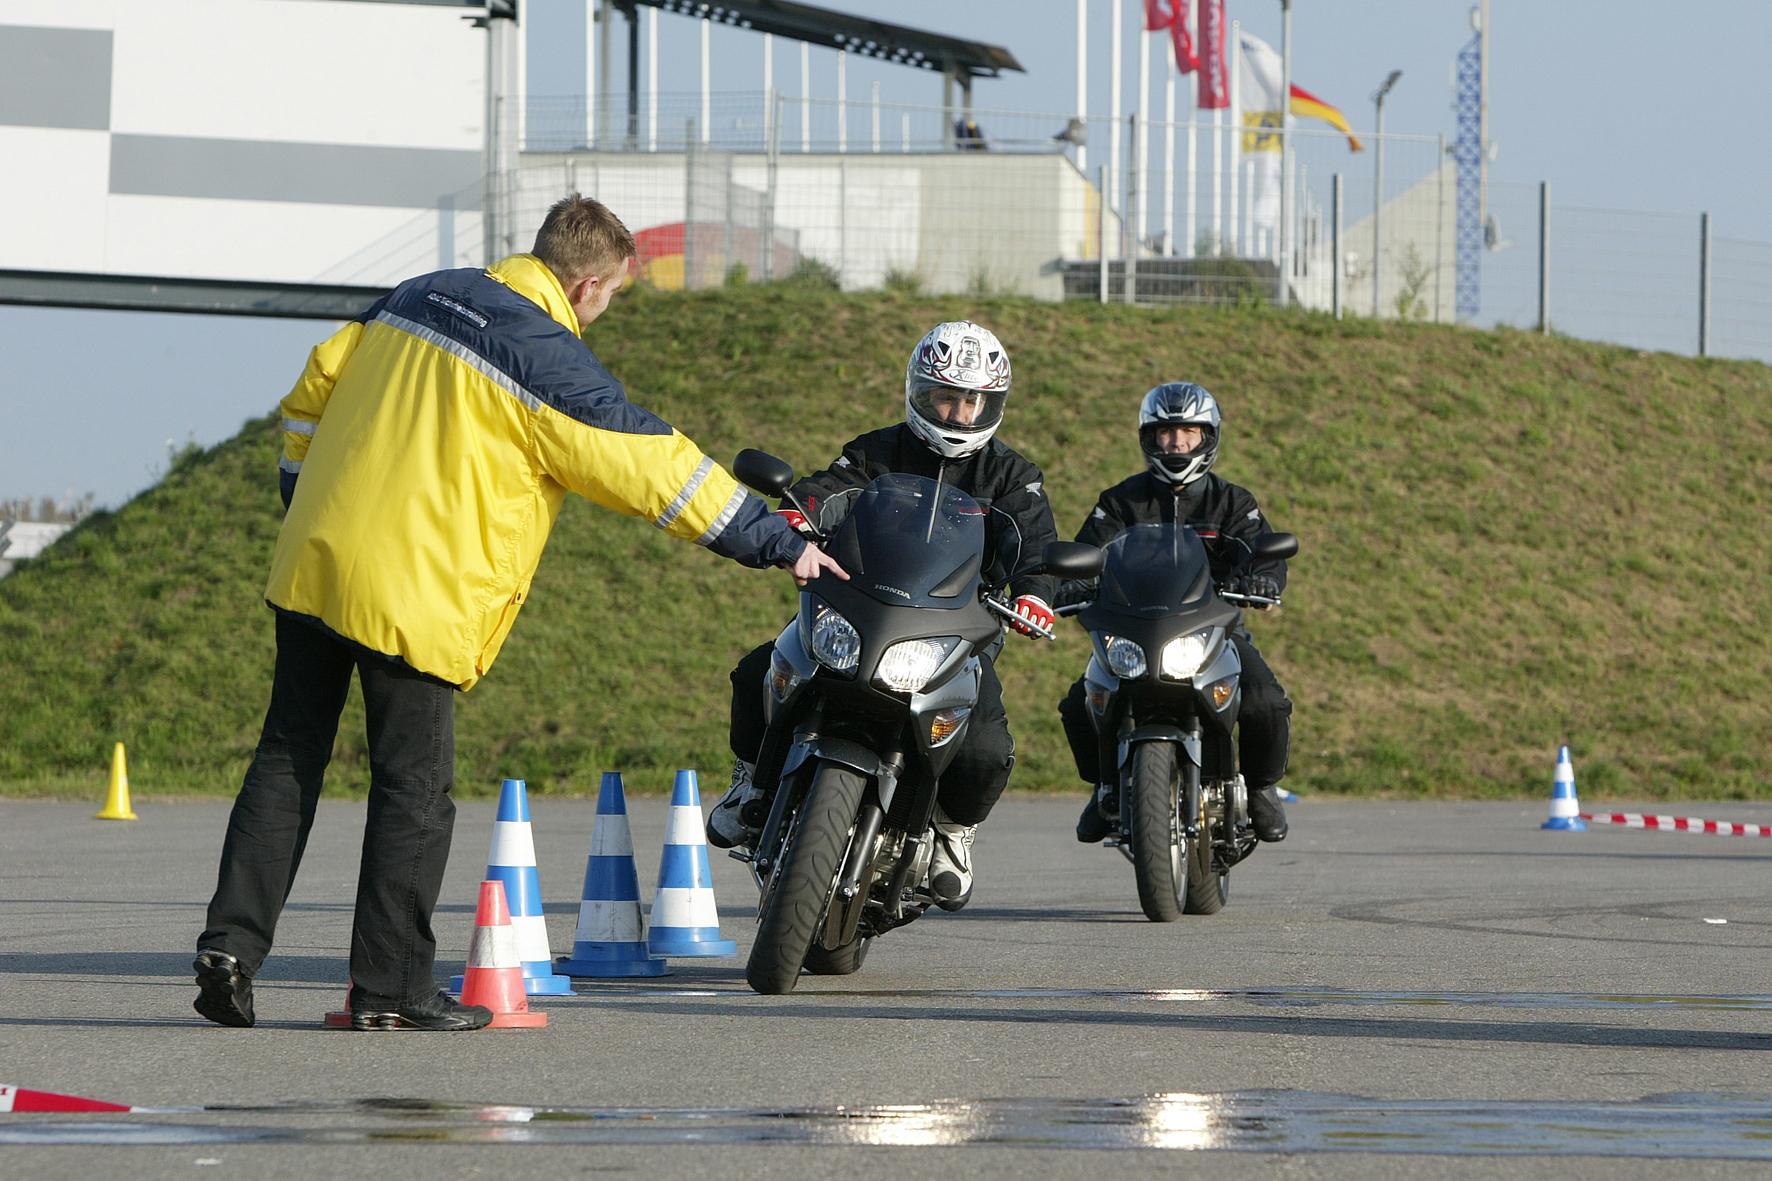 mid Düsseldorf - Nicht nur für Anfänger: Ein Fahrertraining zum Beginn der Motorrad-Saison macht auch für langjährige Biker Sinn.